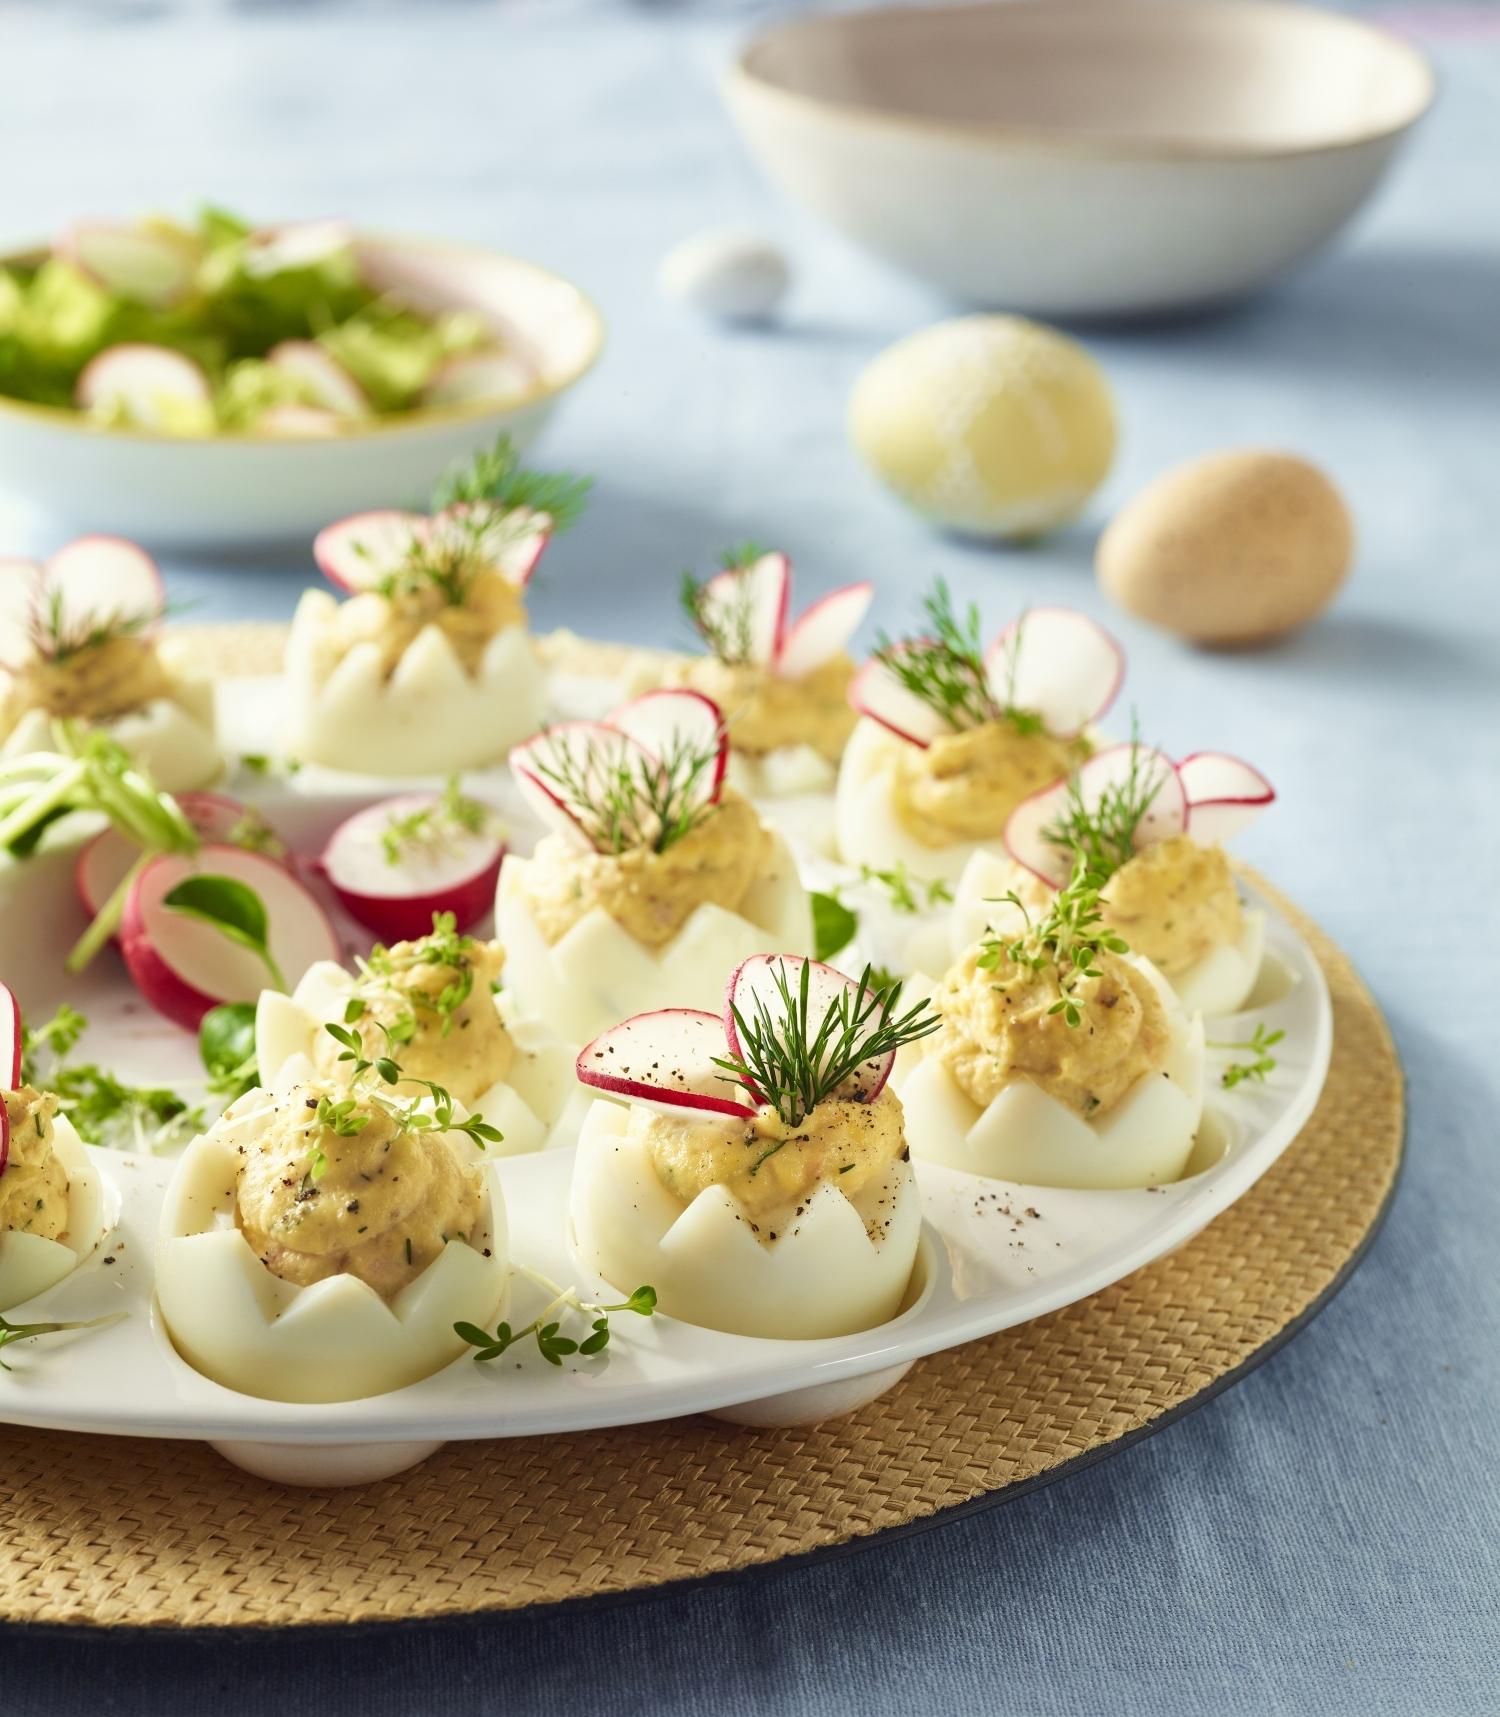 Jajka faszerowane pastą z łososia i rzodkiewkami